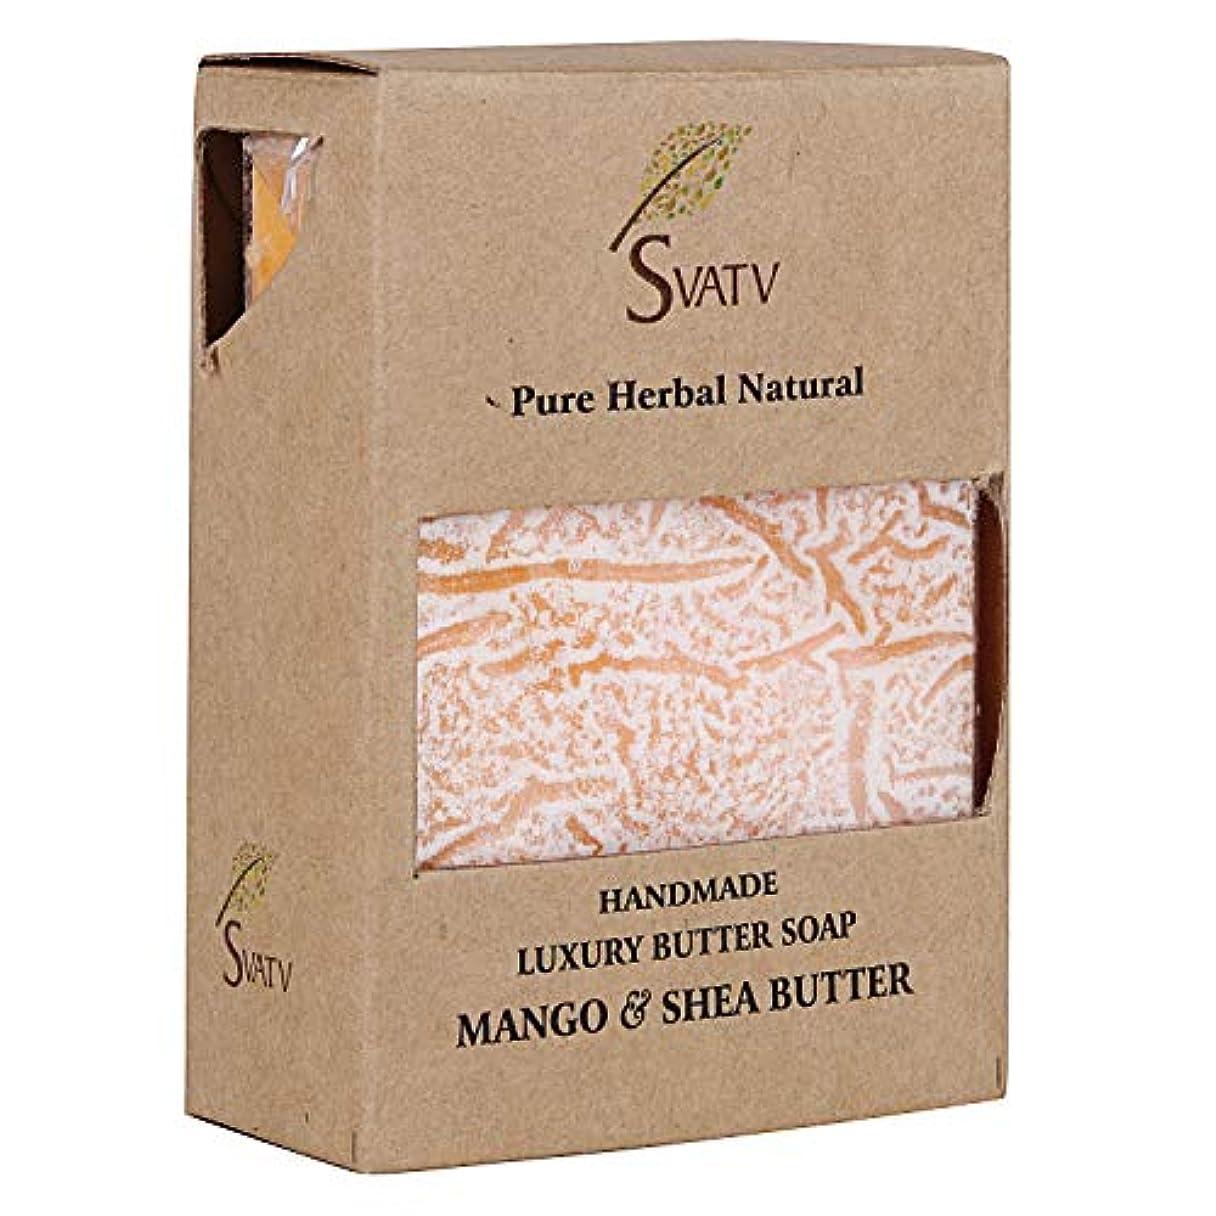 対角線召喚するにんじんSVATV Handmade Luxury Butter Soap Mango & Shea Butter For All Skin types 100g Bar